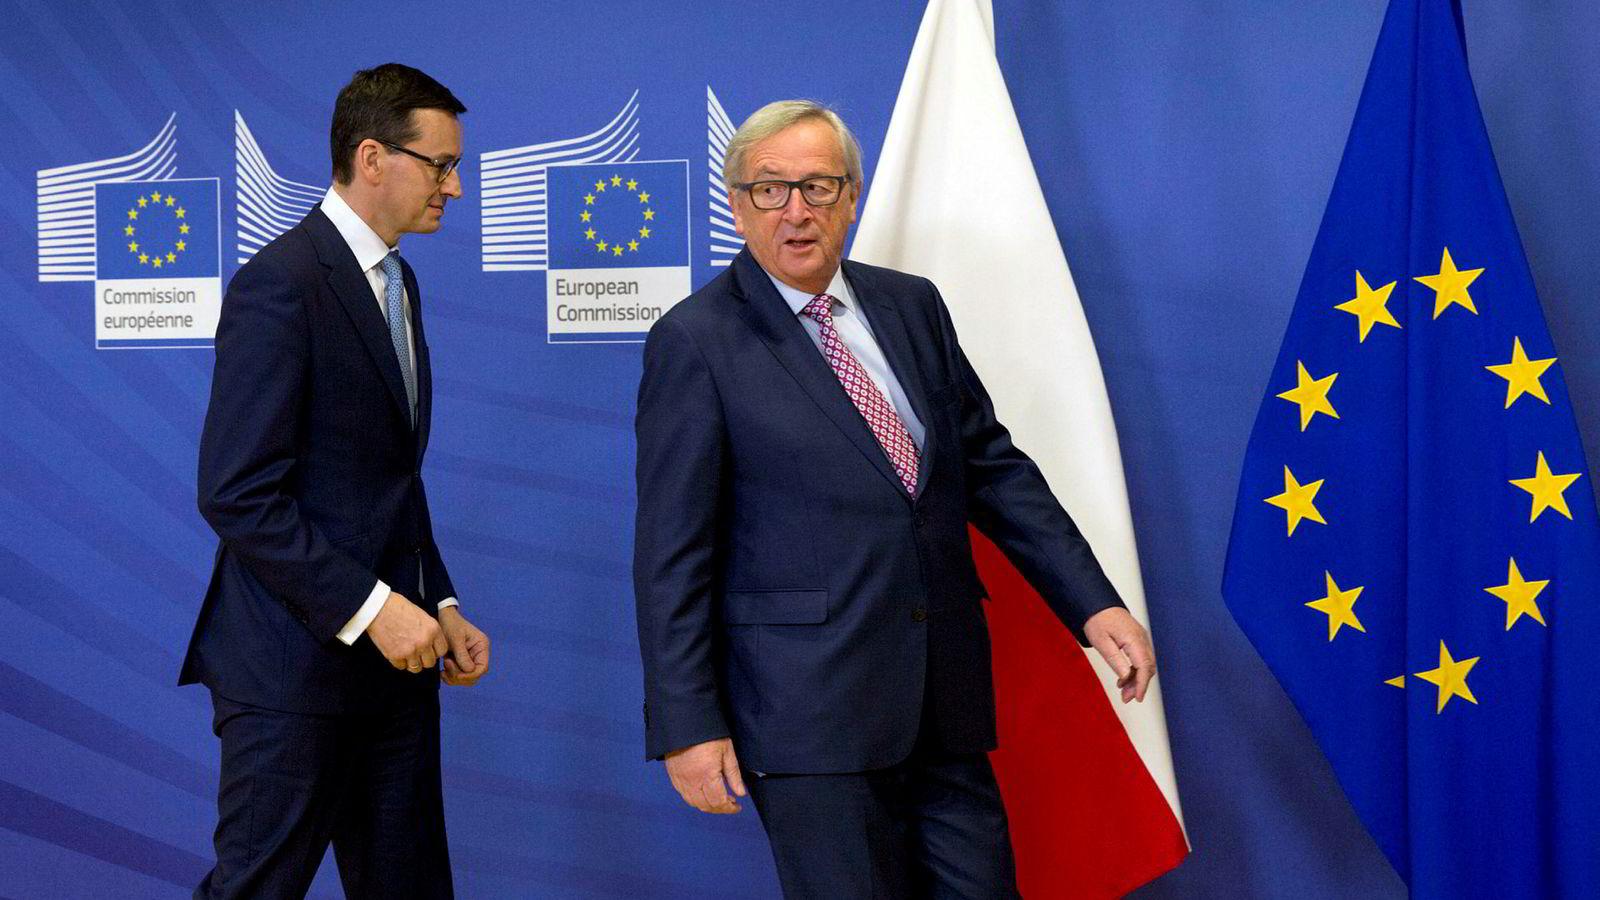 I Øst-Europa skaper prosessen mot Polen uro. Mange uroes av utviklingen i Polen, men frykter også presedensen som faktisk bruk av Artikkel 7 kan medføre, skriver Toje. Her Polens statsminister Mateusz Morawiecki, til venstre, og Jean-Claude Juncker, president i Europakommisjonen.